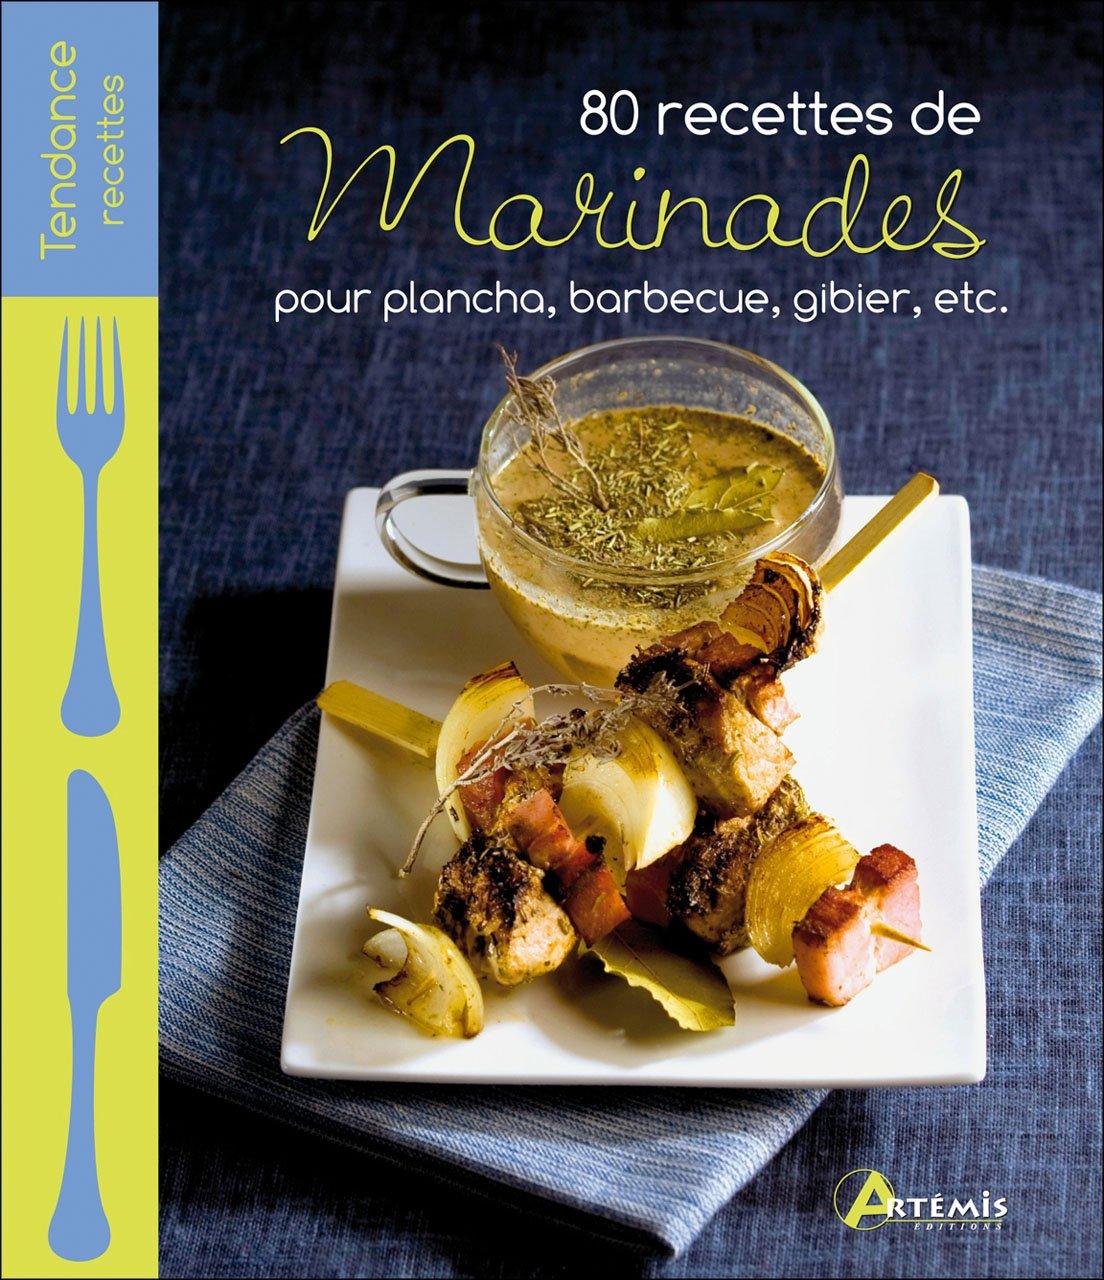 80 recettes de marinades pour plancha barbecue gibier, etc.